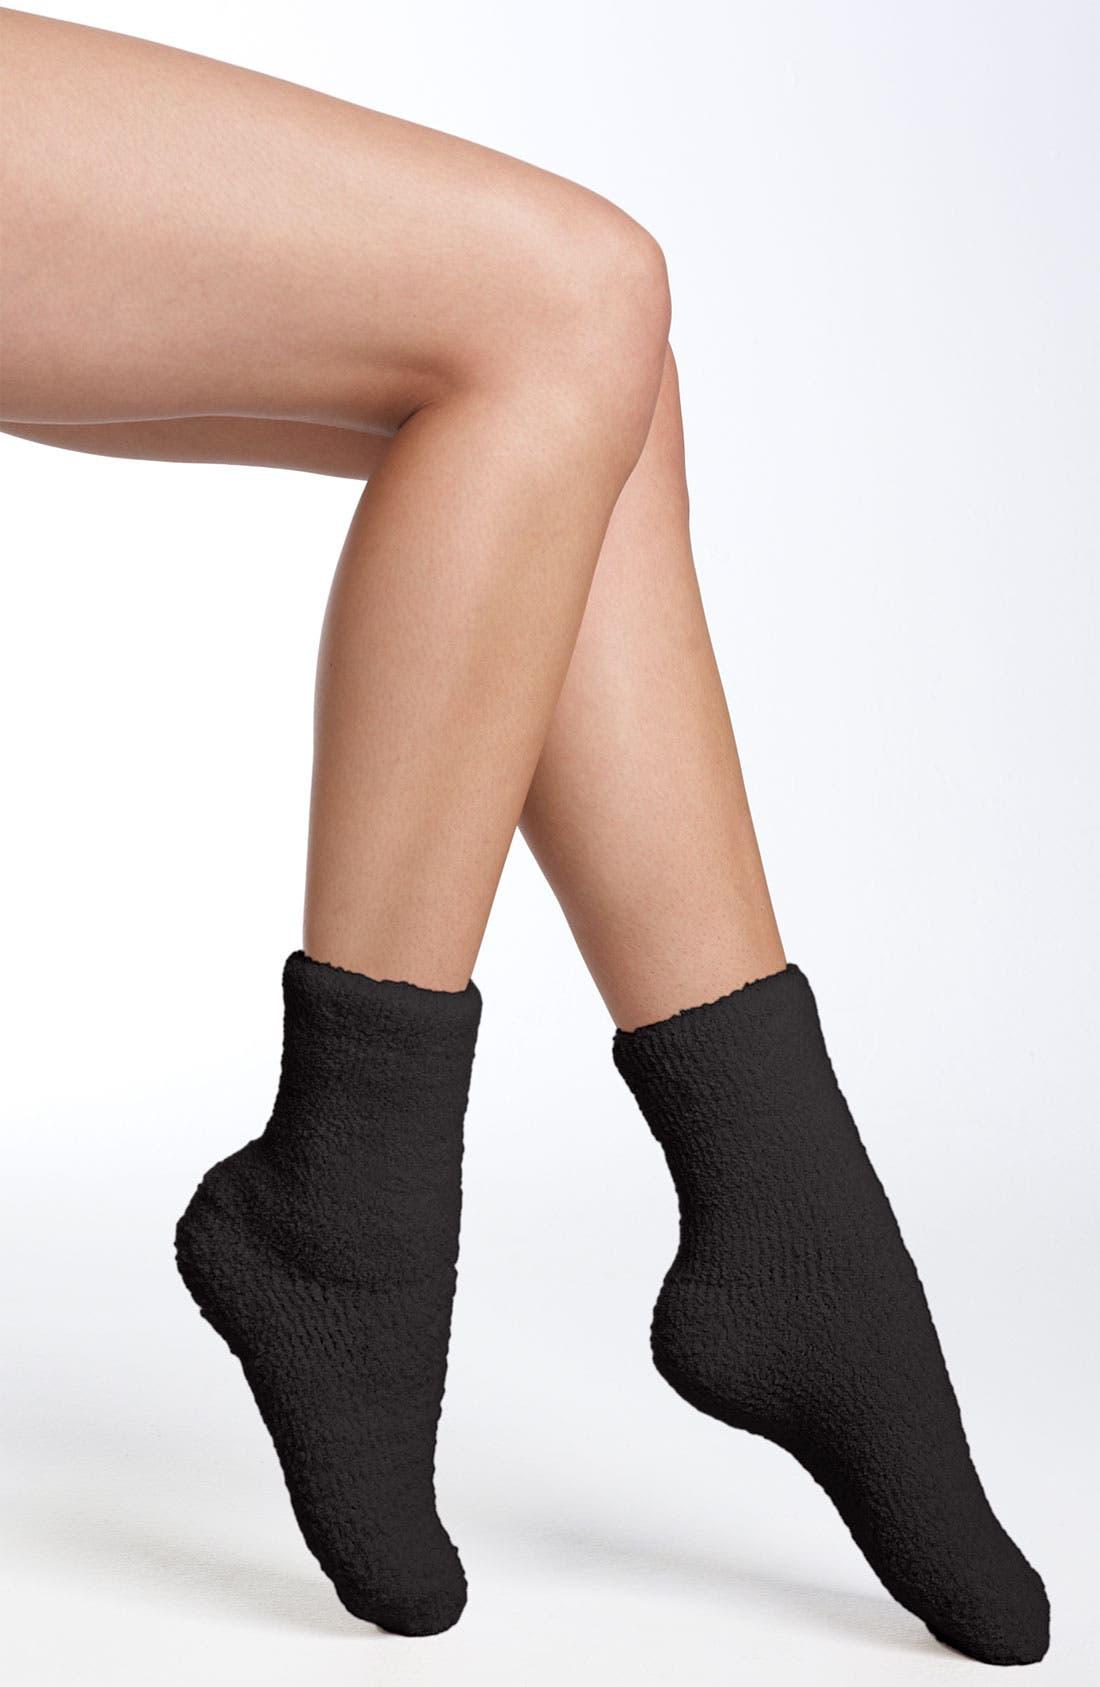 Butter Slipper Socks,                             Main thumbnail 1, color,                             Black